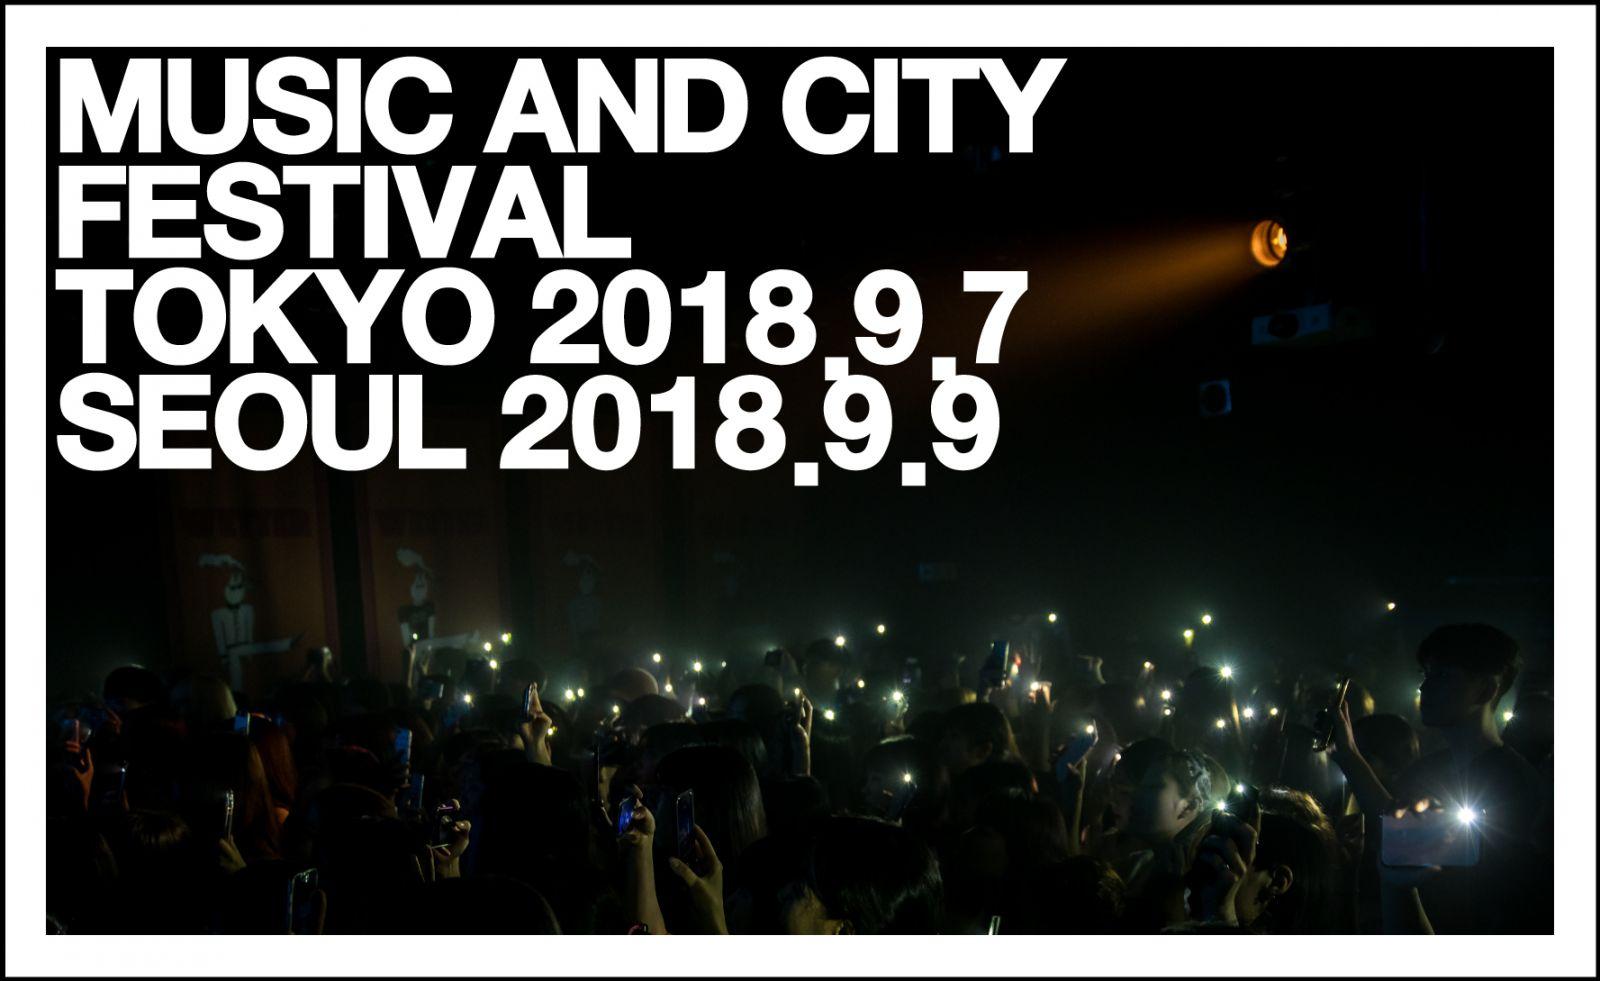 日韓合同フェス、Music and City Festival Vol.1